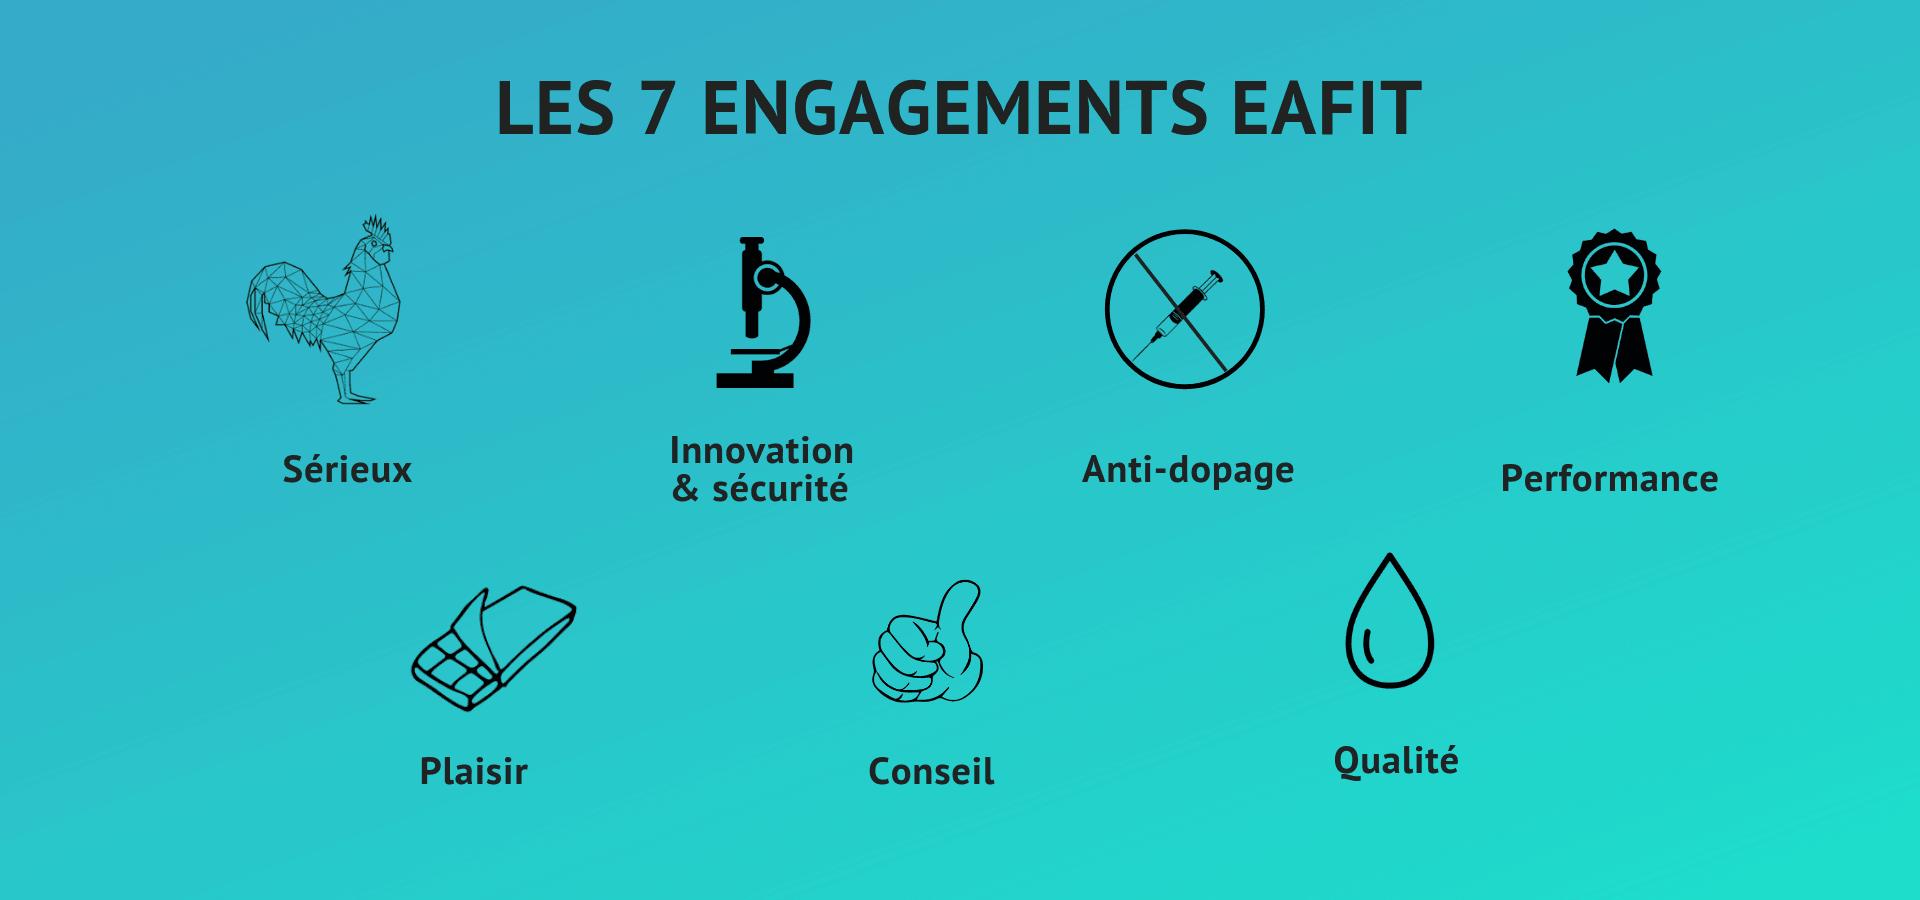 Les engagements et les valeurs d'EAFIT